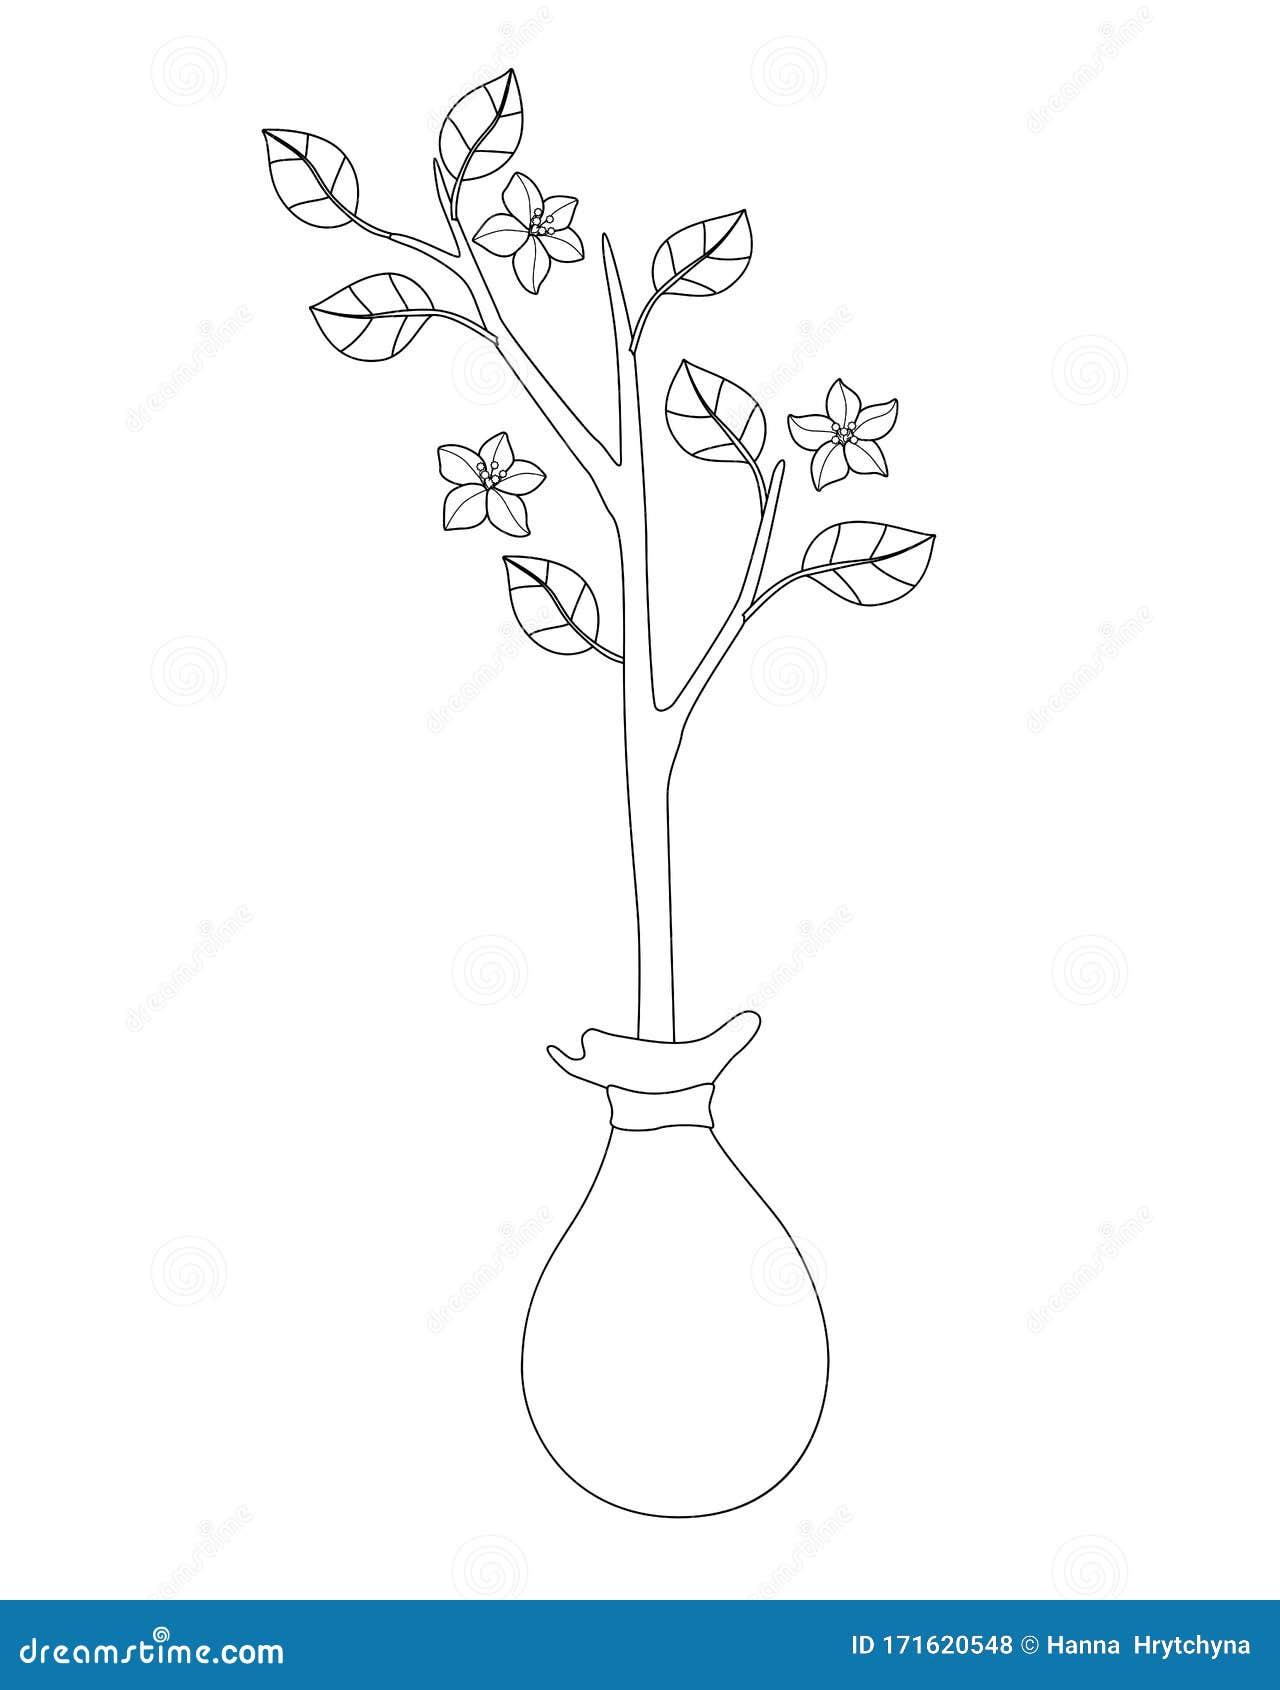 Acoplamiento Con Hojas Y Flores Preparadas Para La Plantación En El Jardín  De Primavera - Imagen Lineal Vectorial Para Colorear E Ilustración del  Vector - Ilustración de hojas, imagen: 171620548